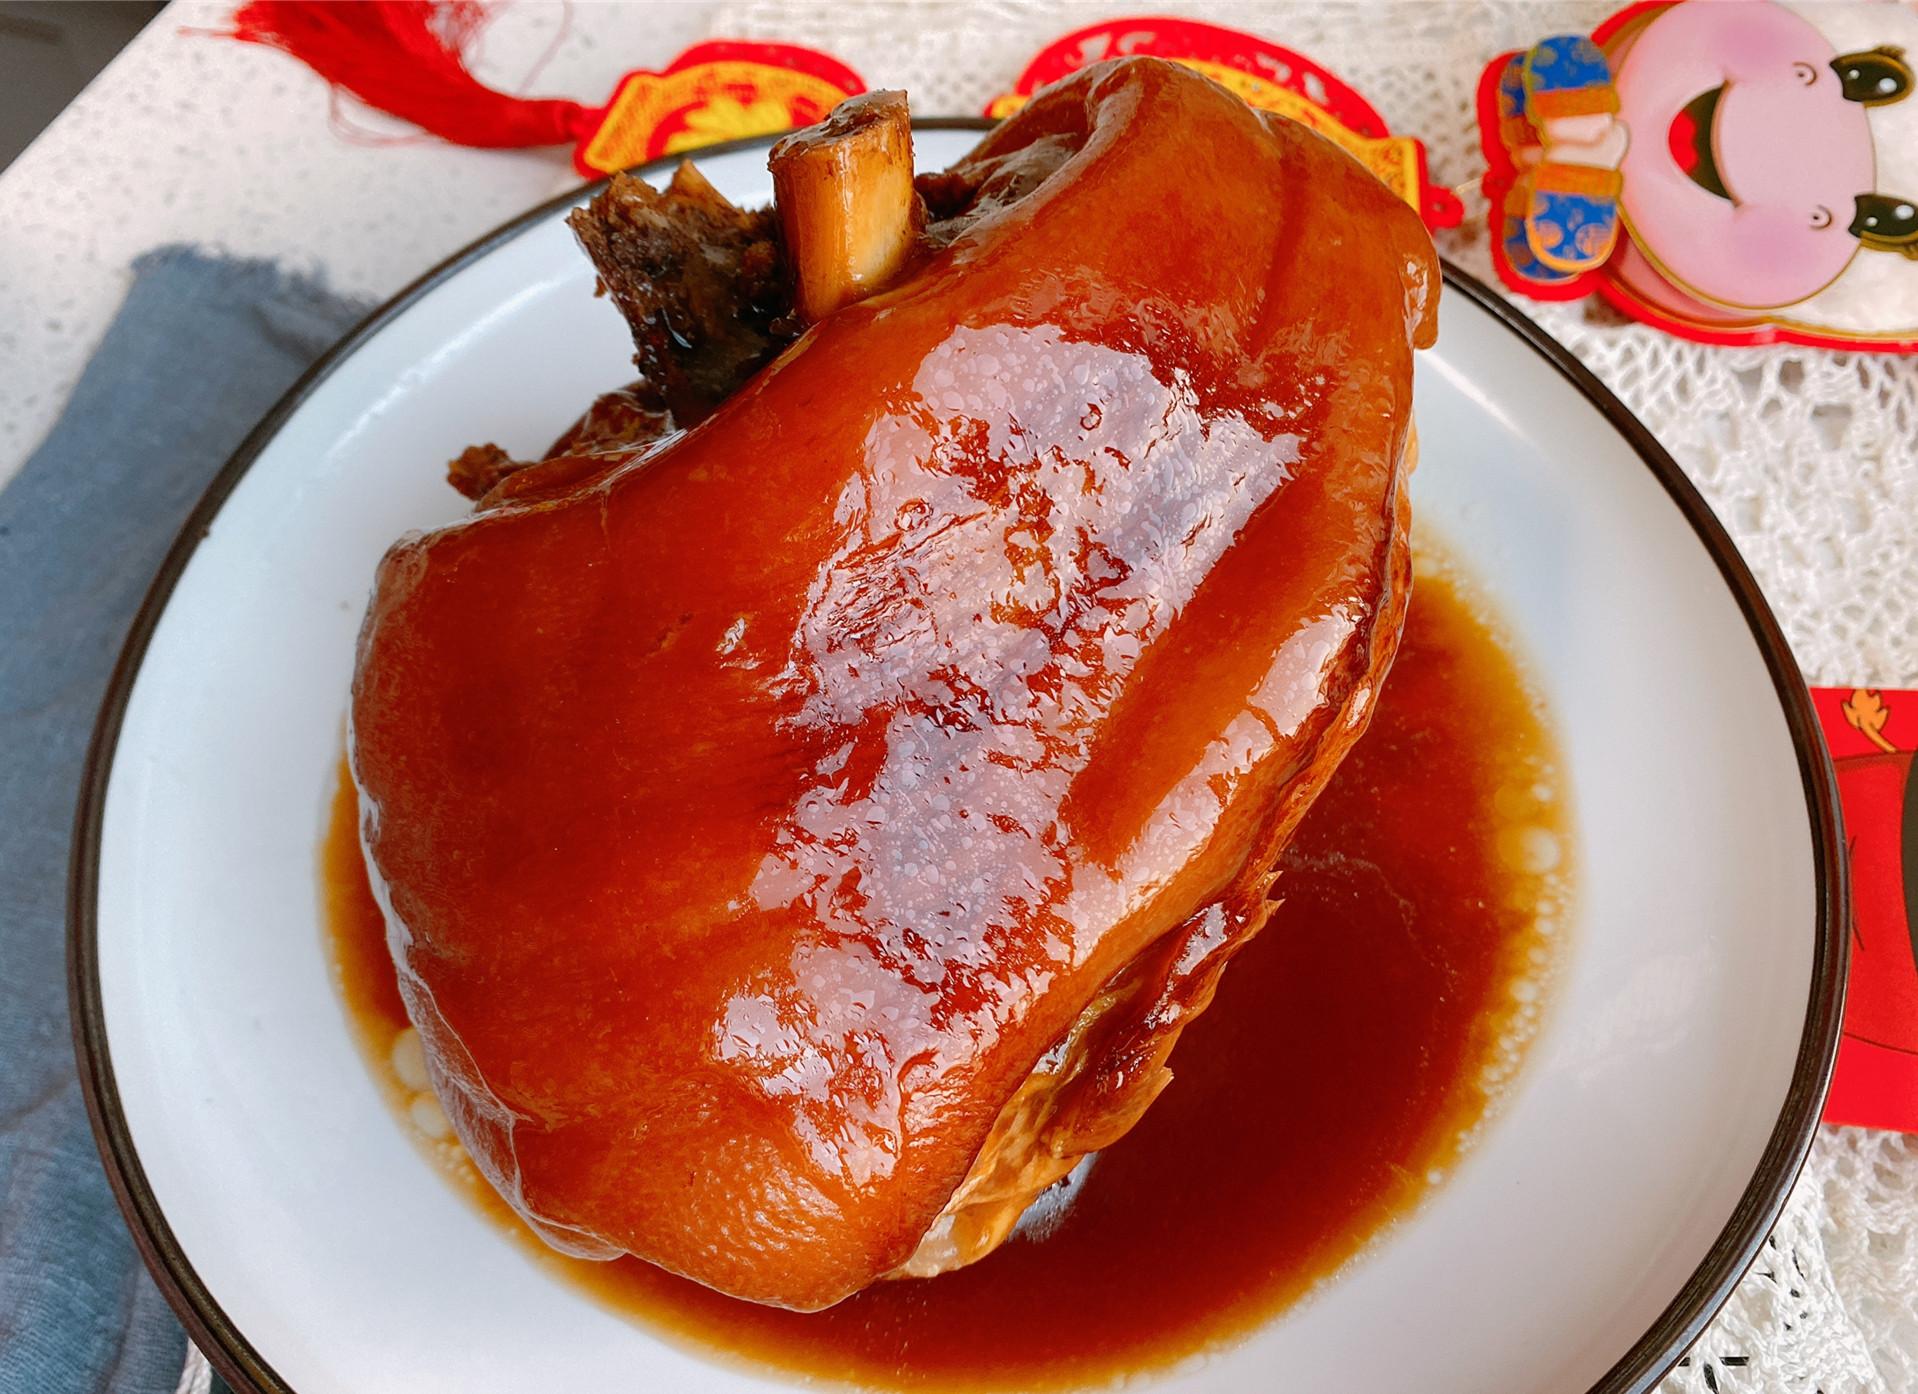 年夜飯硬菜紅燒蹄髈,簡單3步,燉的軟糯脫骨,大口吃肉真過癮